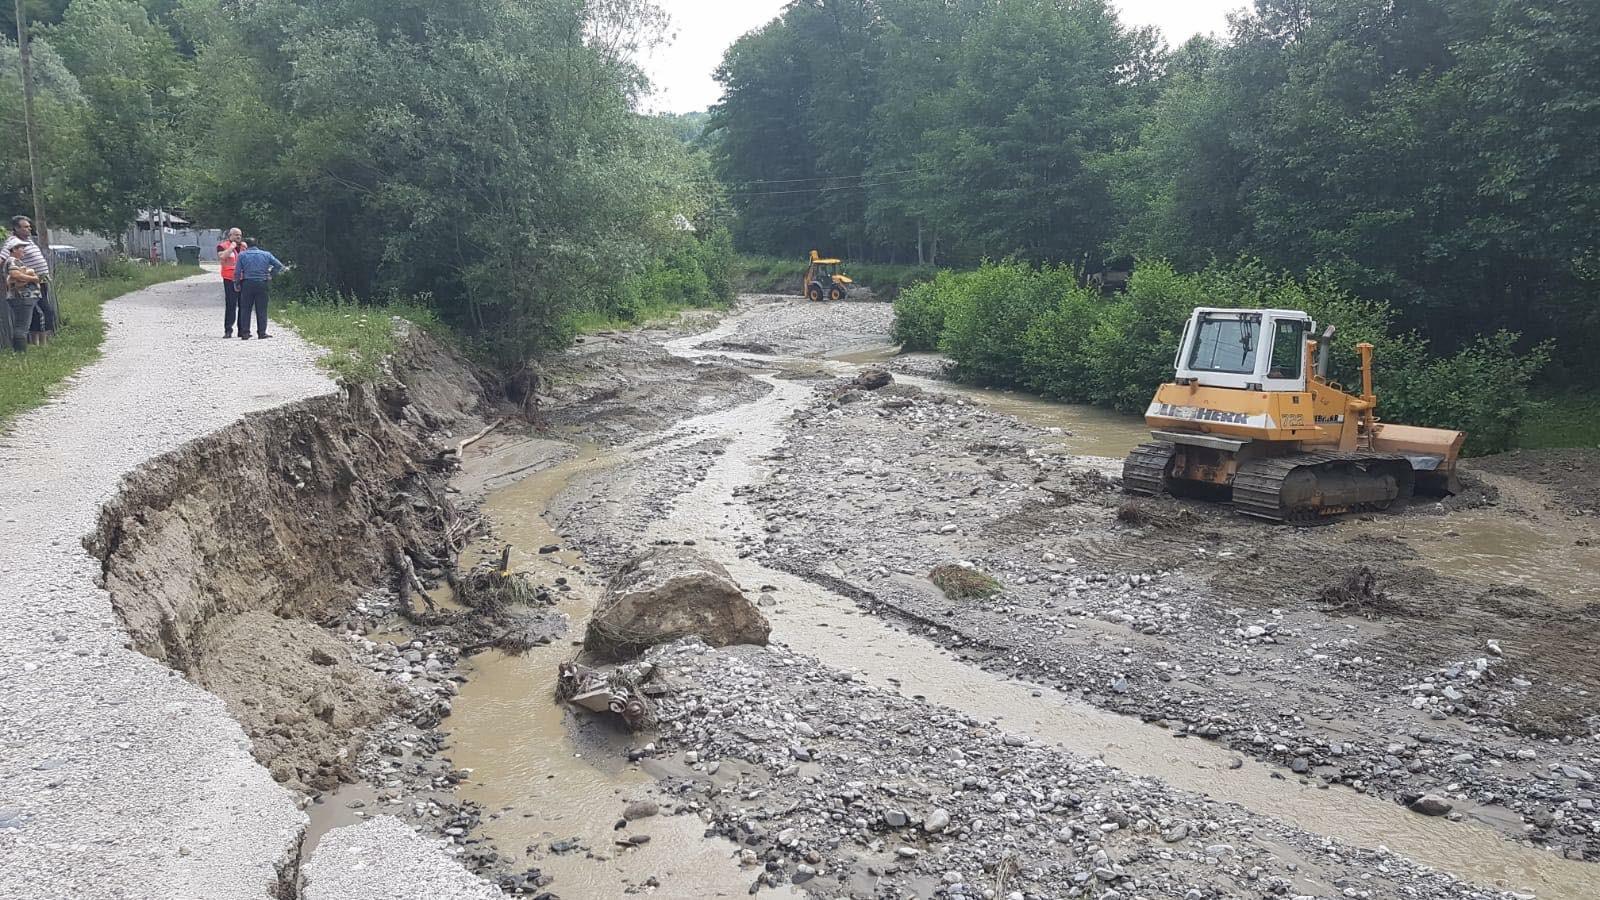 Peste 50 de gospodarii au rămas izolate, în urma viiturii, la Stroeşti. Inundaţii şi în staţiunea Băile-Olăneşti şi la Cernişoara